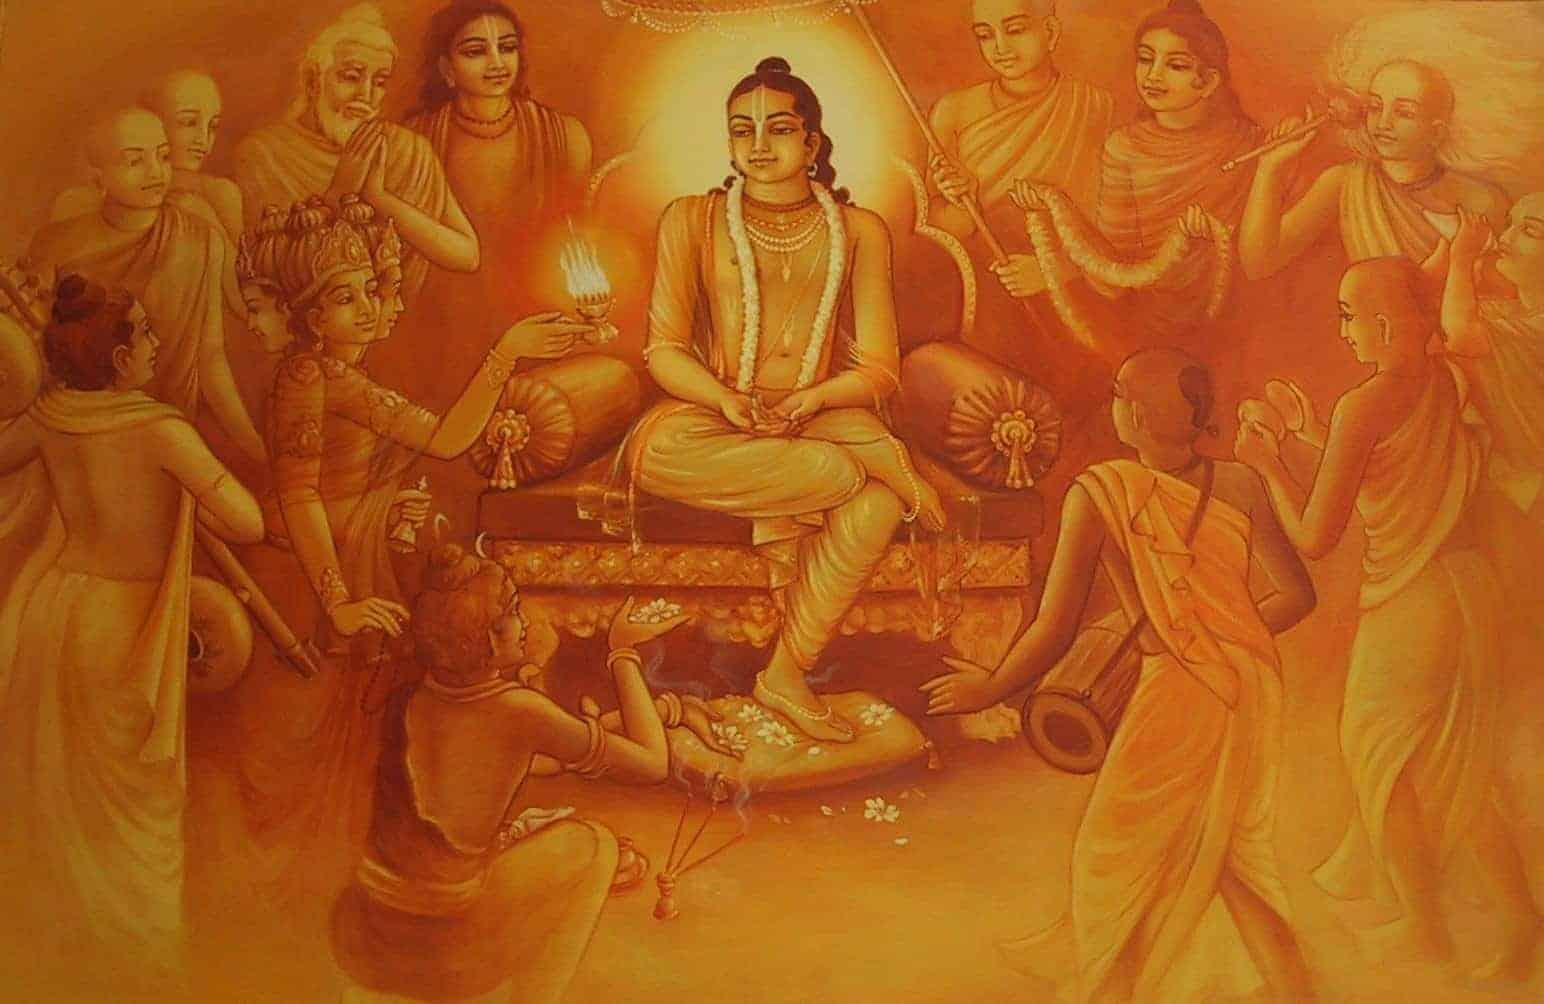 sabiduria hindu para el silencio ¿quieres lograr prosperidad para tu vida? desde la sabiduría hindú  ID149985 - hermandadblanca.org